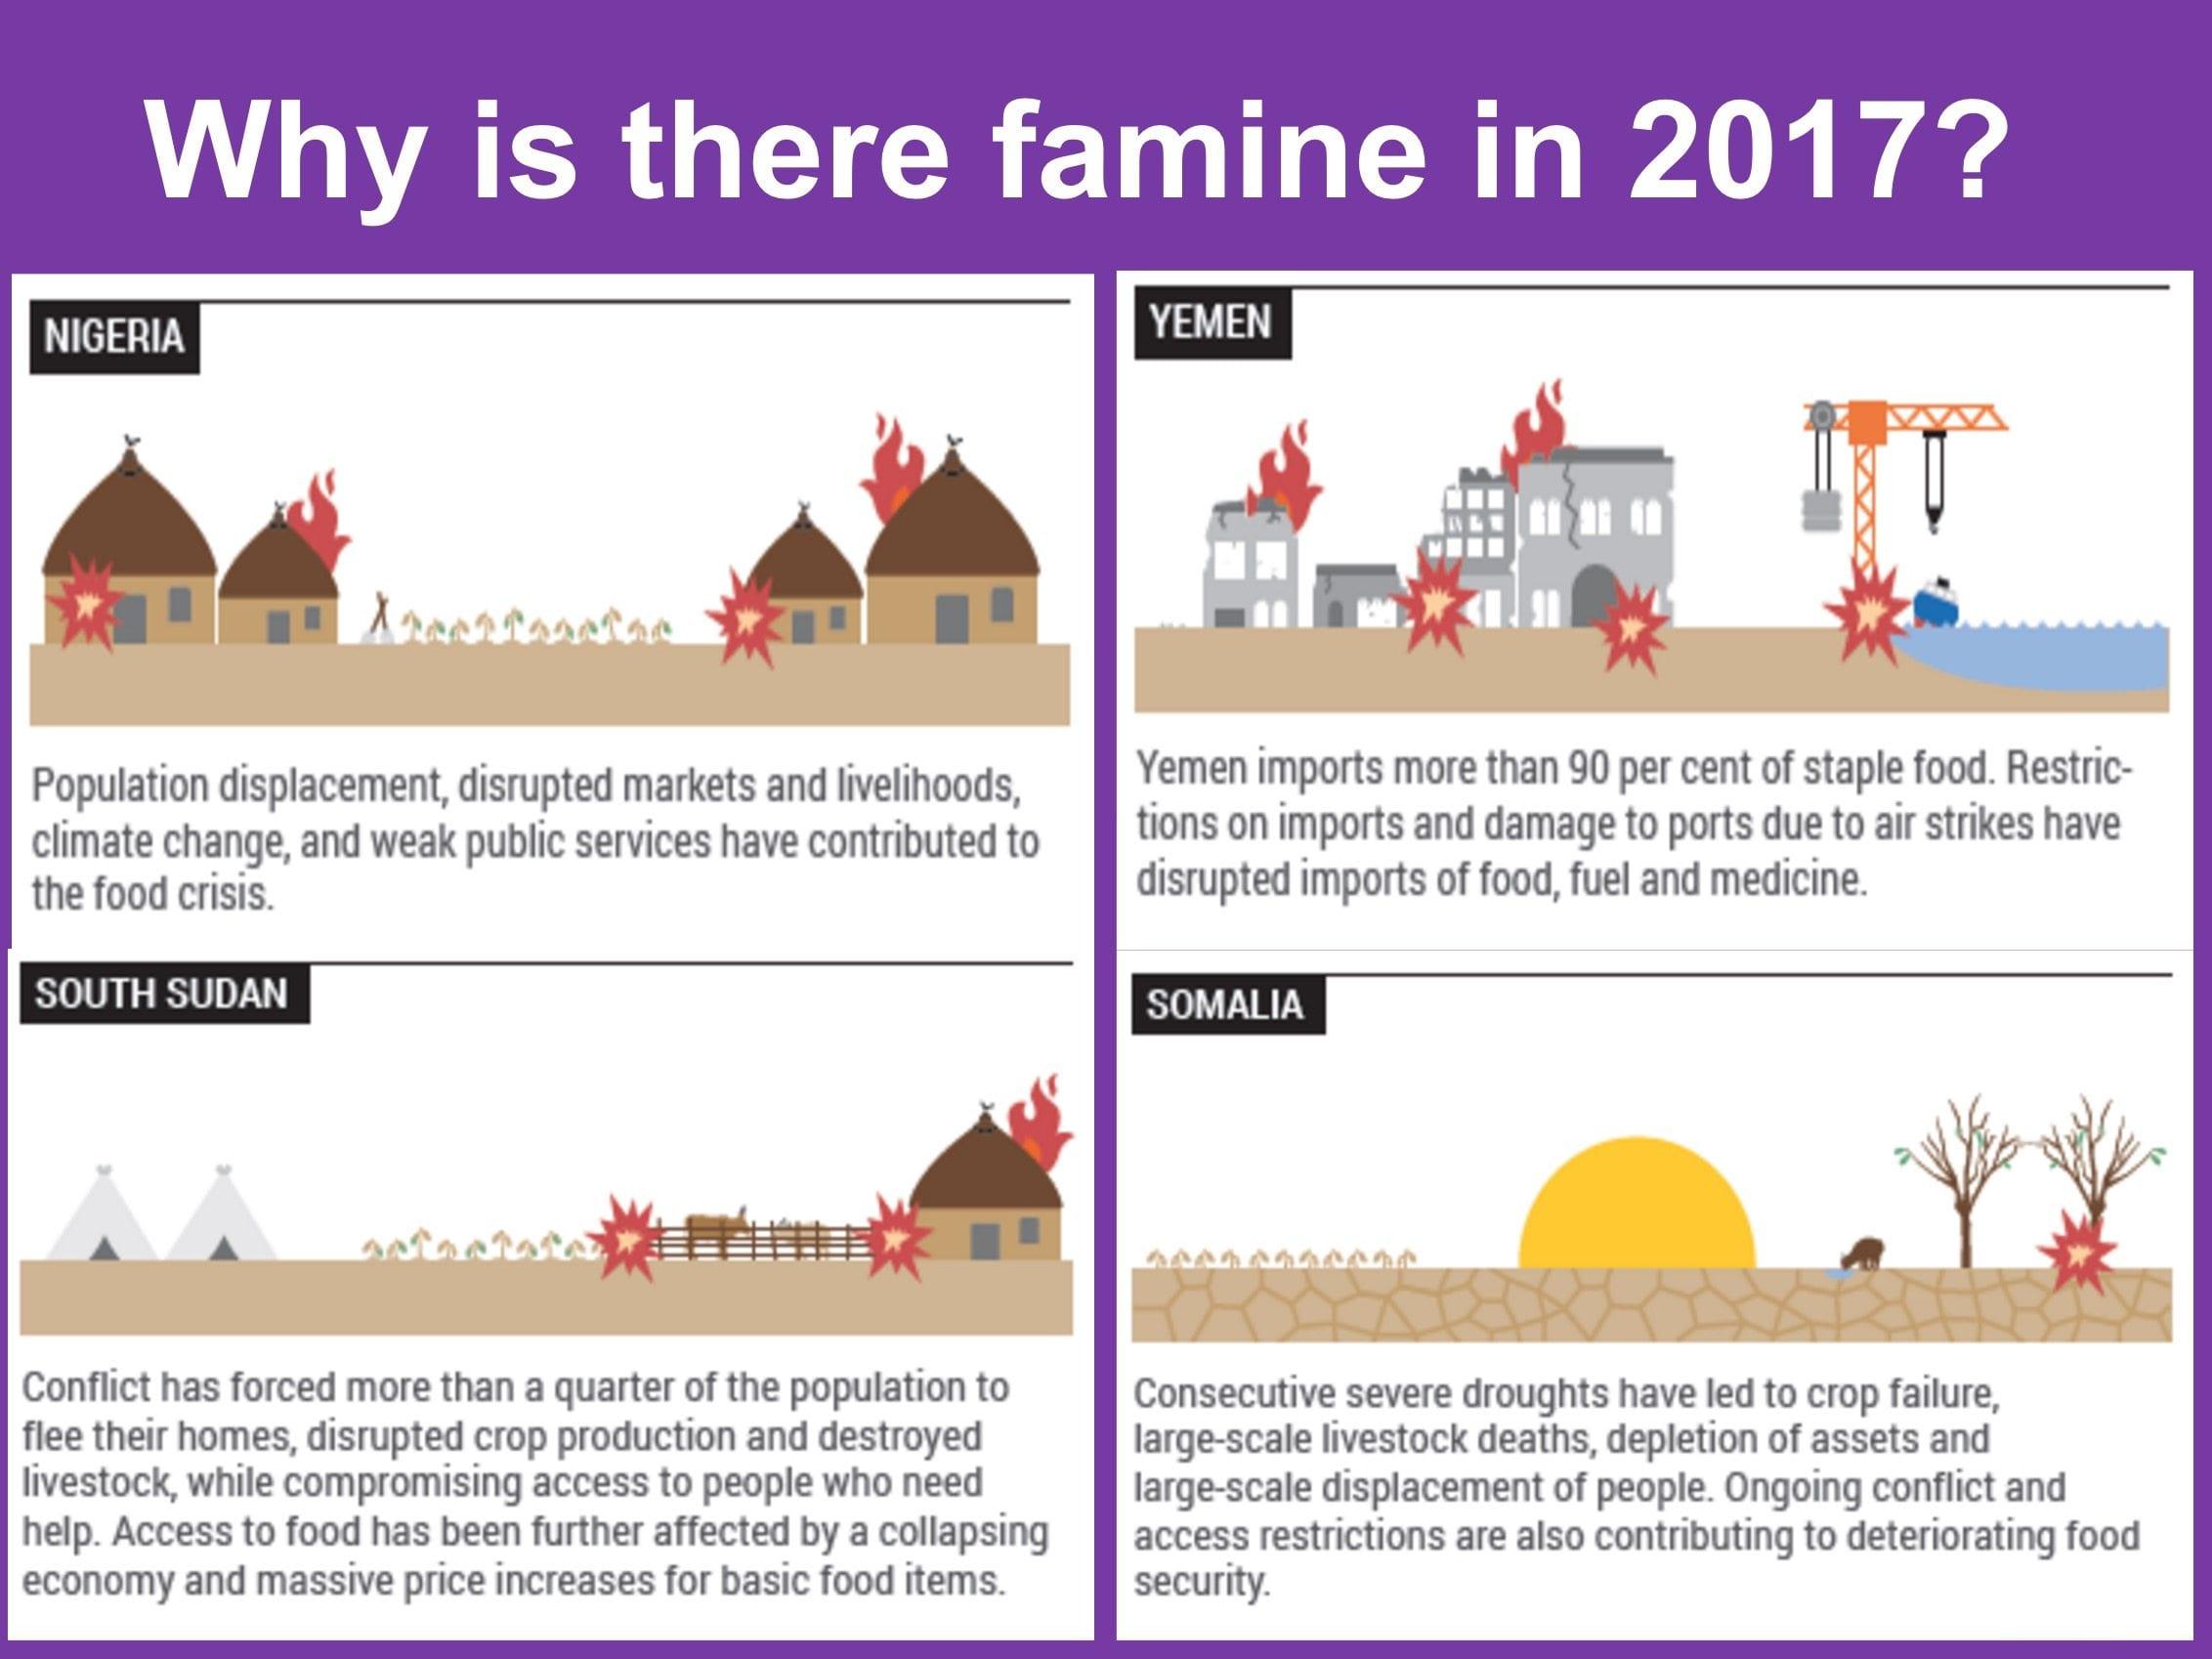 Image famine in 2017